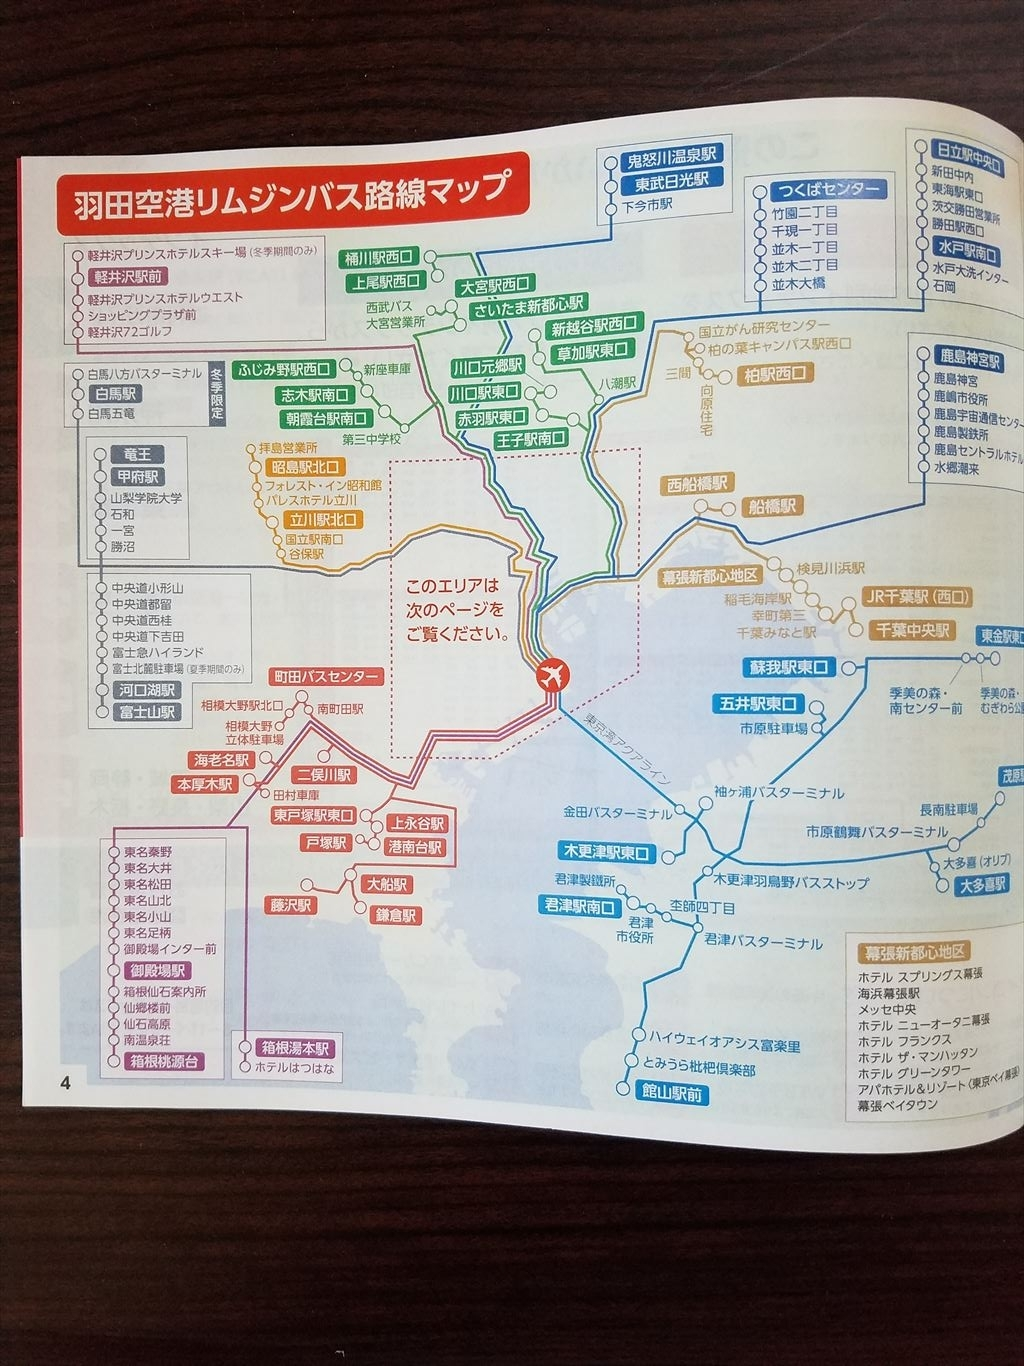 バス 表 急 京 時刻